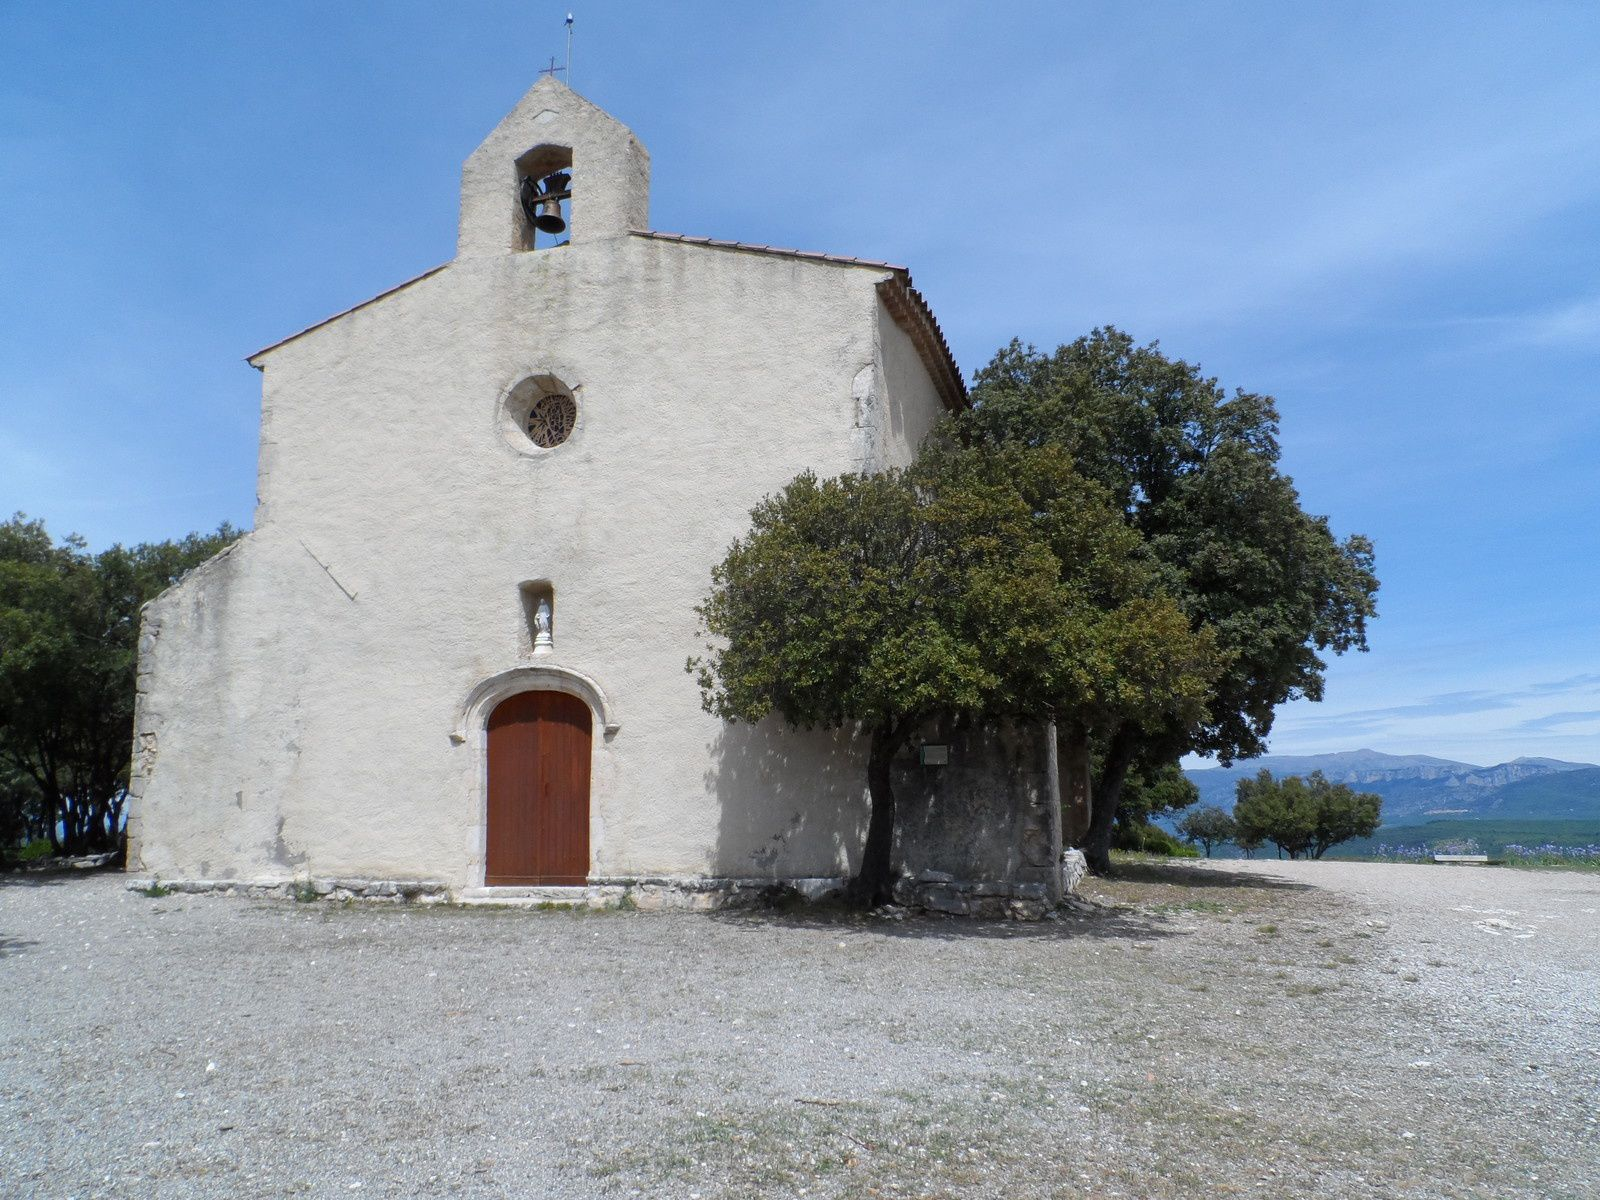 La trace nous emmène de Régusse au lac de Sainte Croix en passant par la chapelle de Baudinard.